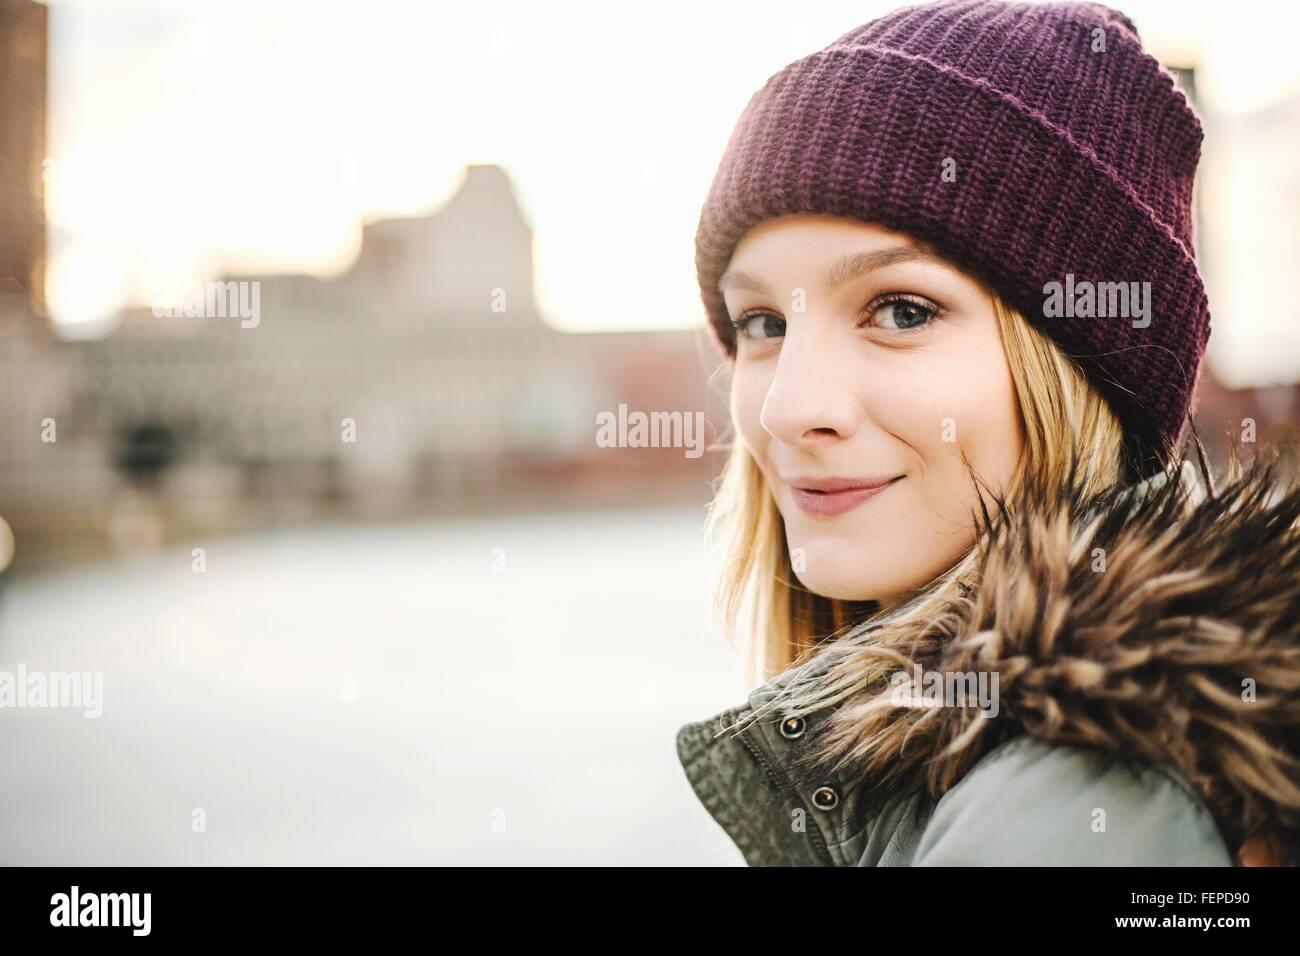 Retrato de joven mujer vistiendo gorro de punto y cubierta de pieles Imagen De Stock